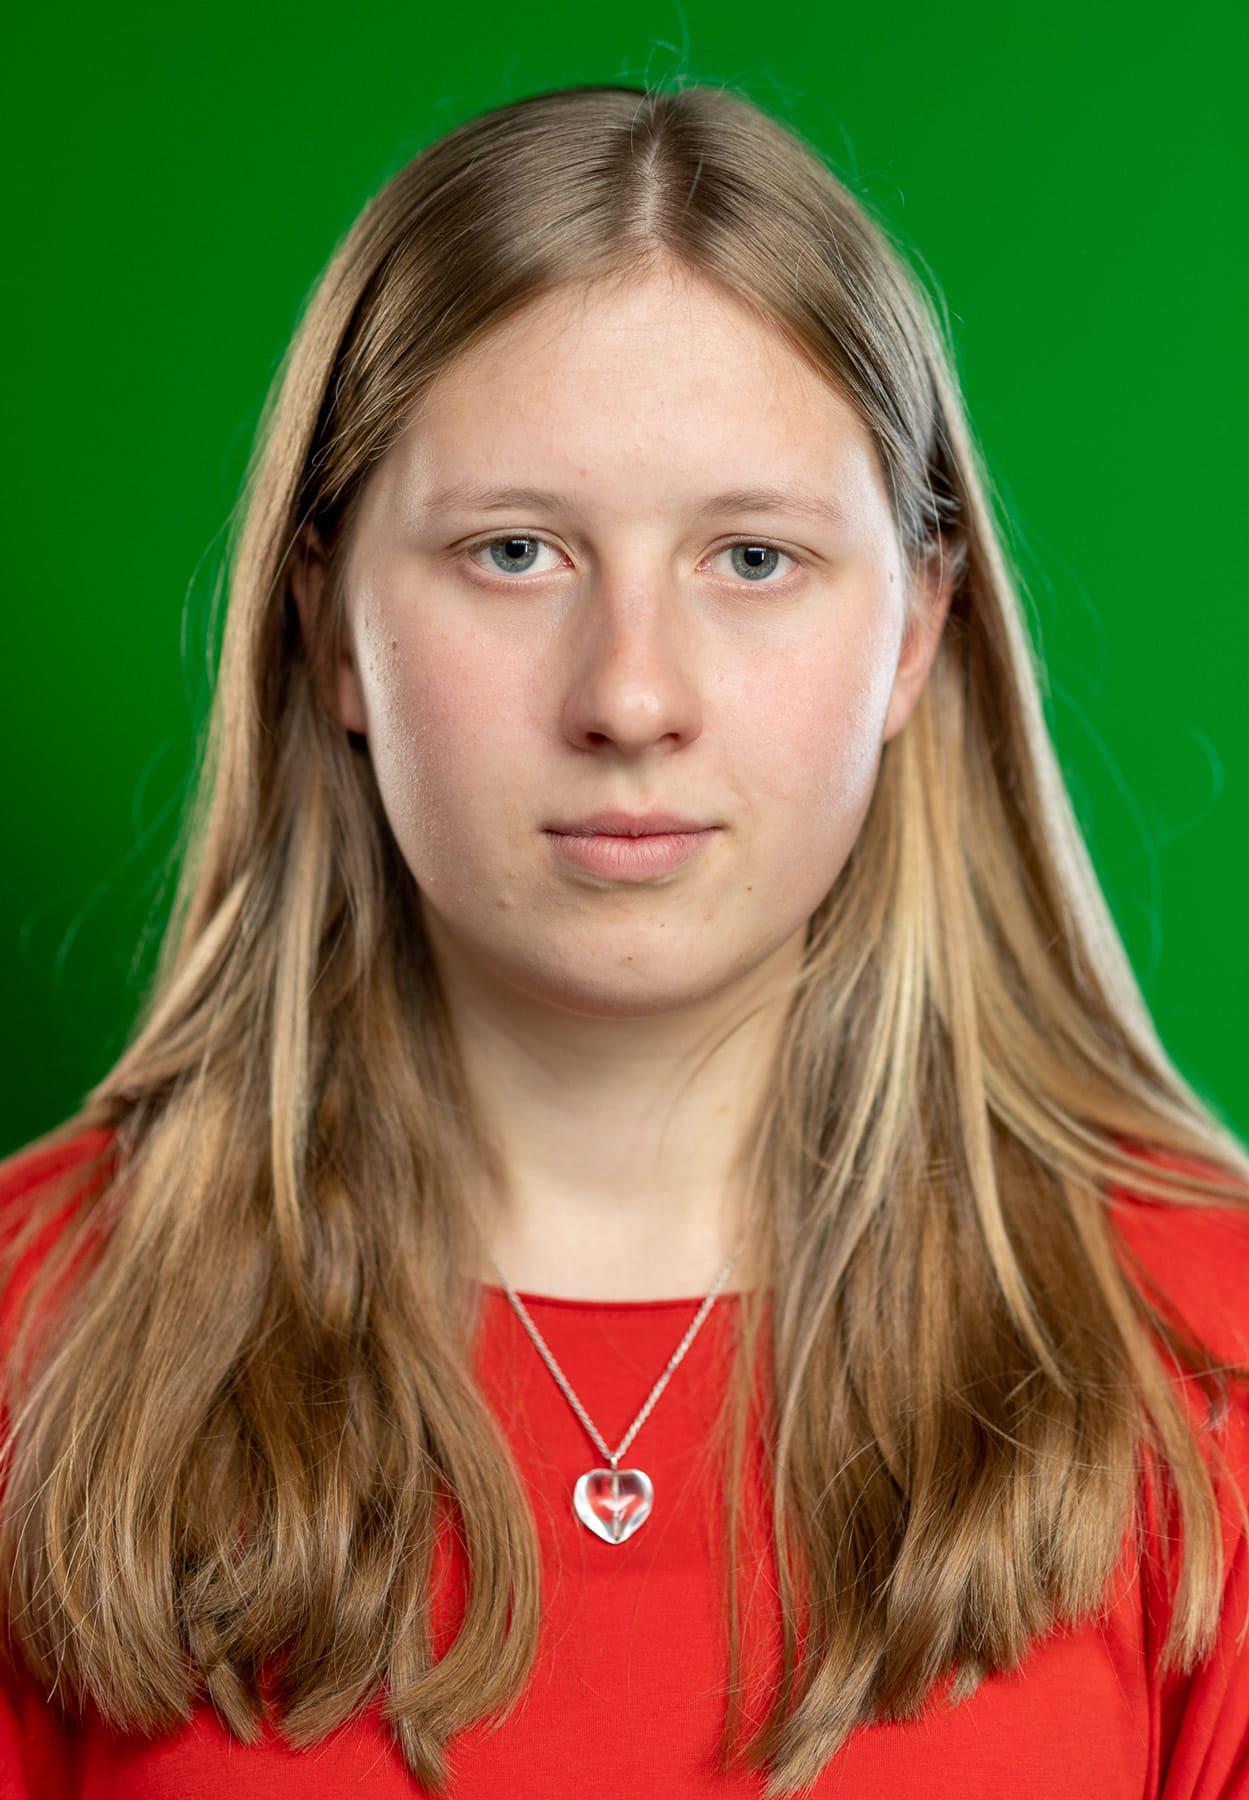 Portraitfoto einer jungen Frau mit rotem Shirt